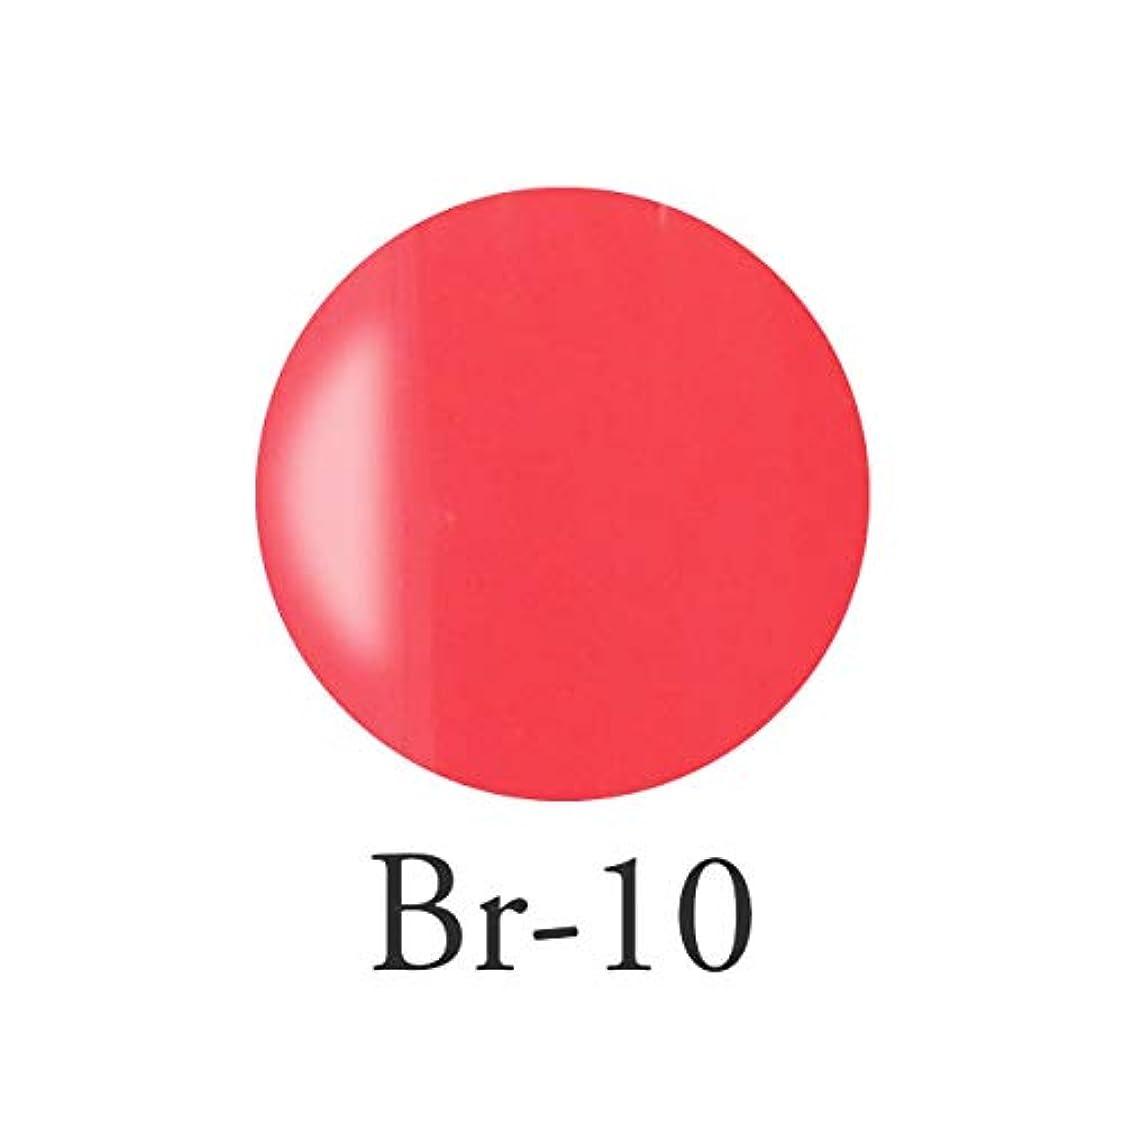 実験的独裁存在するエンジェル クィーンカラージェル カミーユピンク Br-10 3g